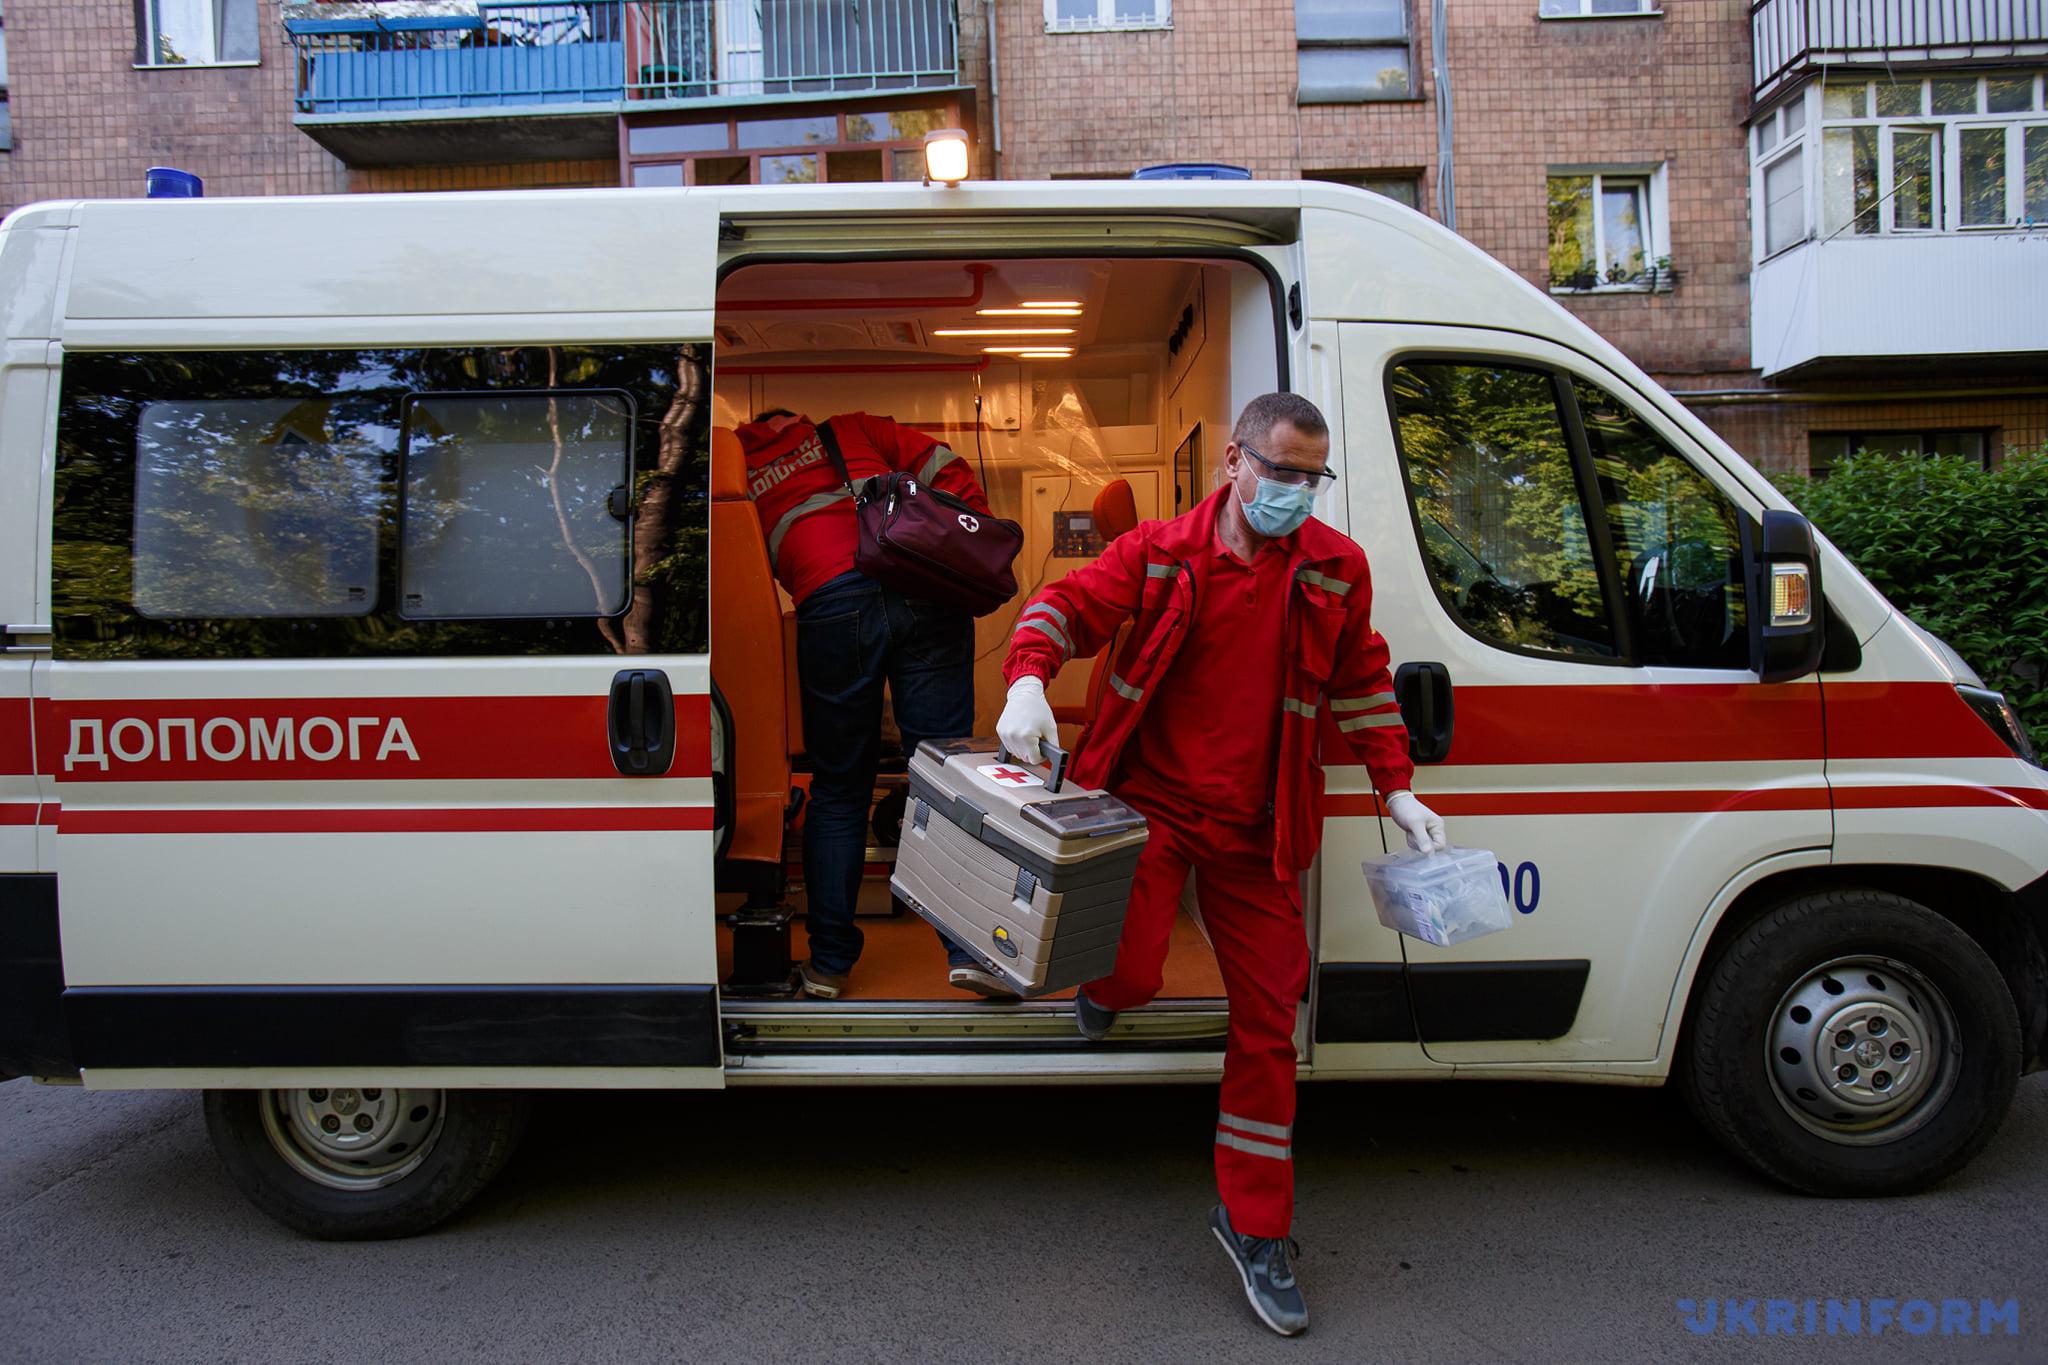 фельдшер Микола Головчак вискакує з машини біля будинку, до якого приїхали за викликом